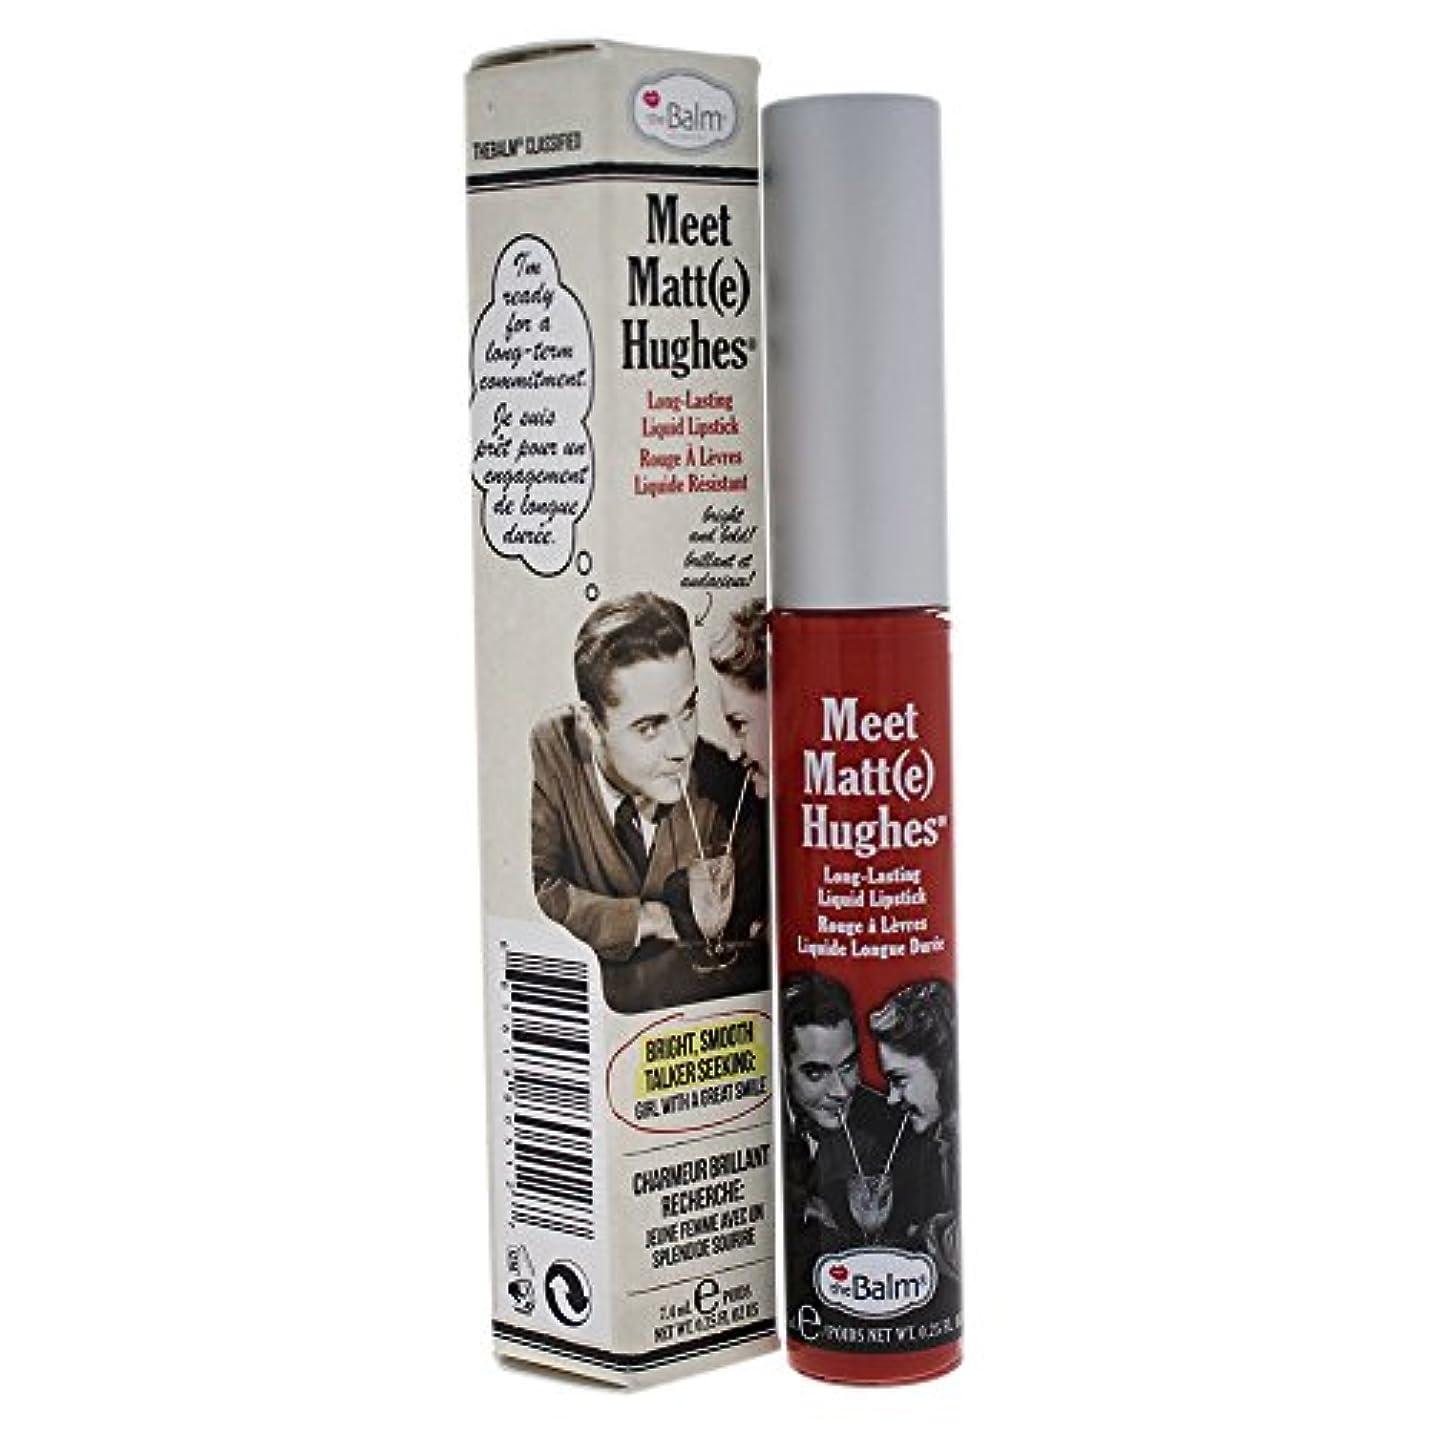 リーズおばさんロシアザバーム Meet Matte Hughes Long Lasting Liquid Lipstick - Honest 7.4ml/0.25oz並行輸入品